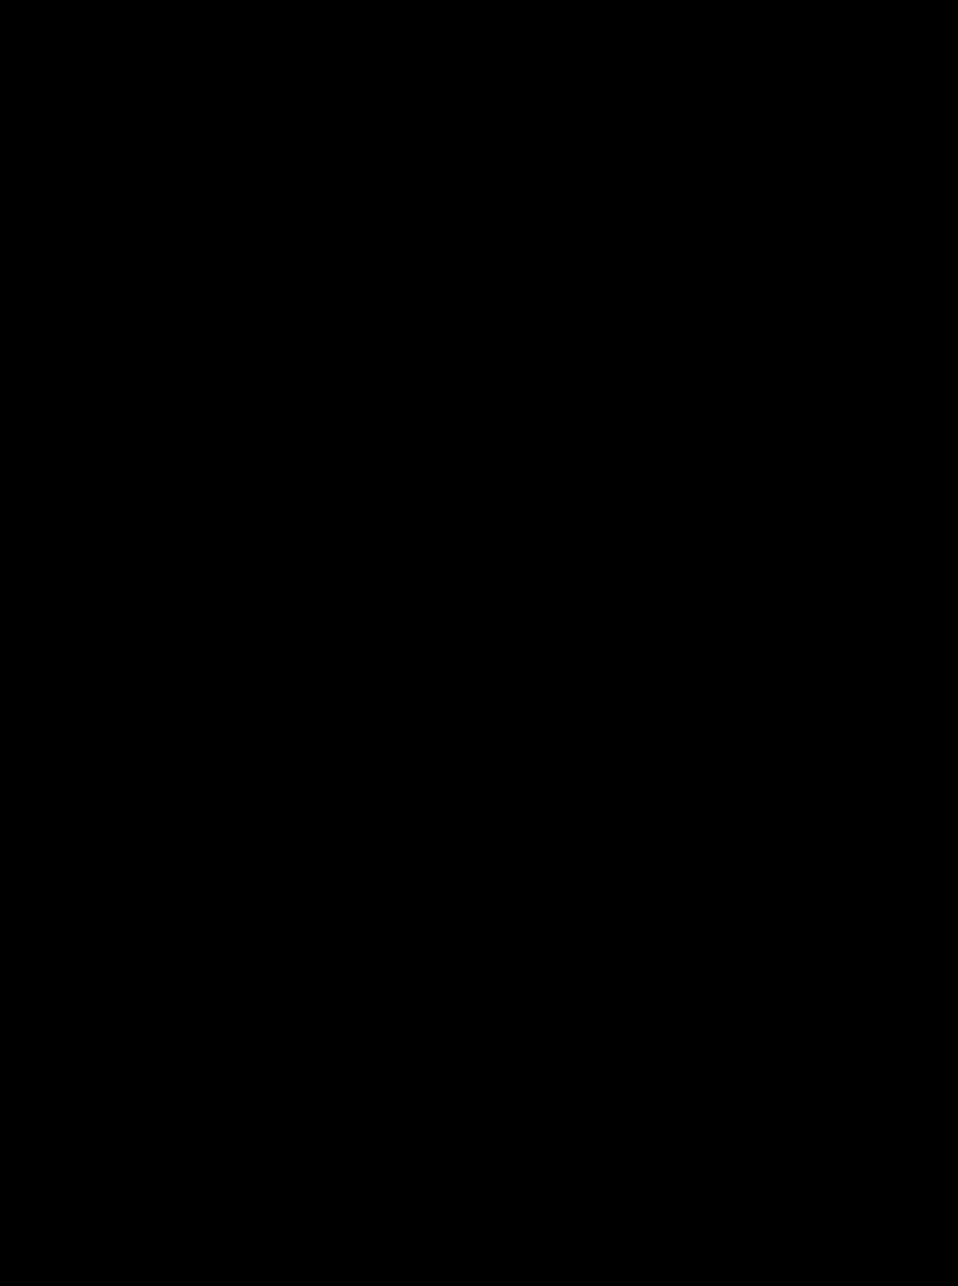 Public domain clip art. Coloring clipart table